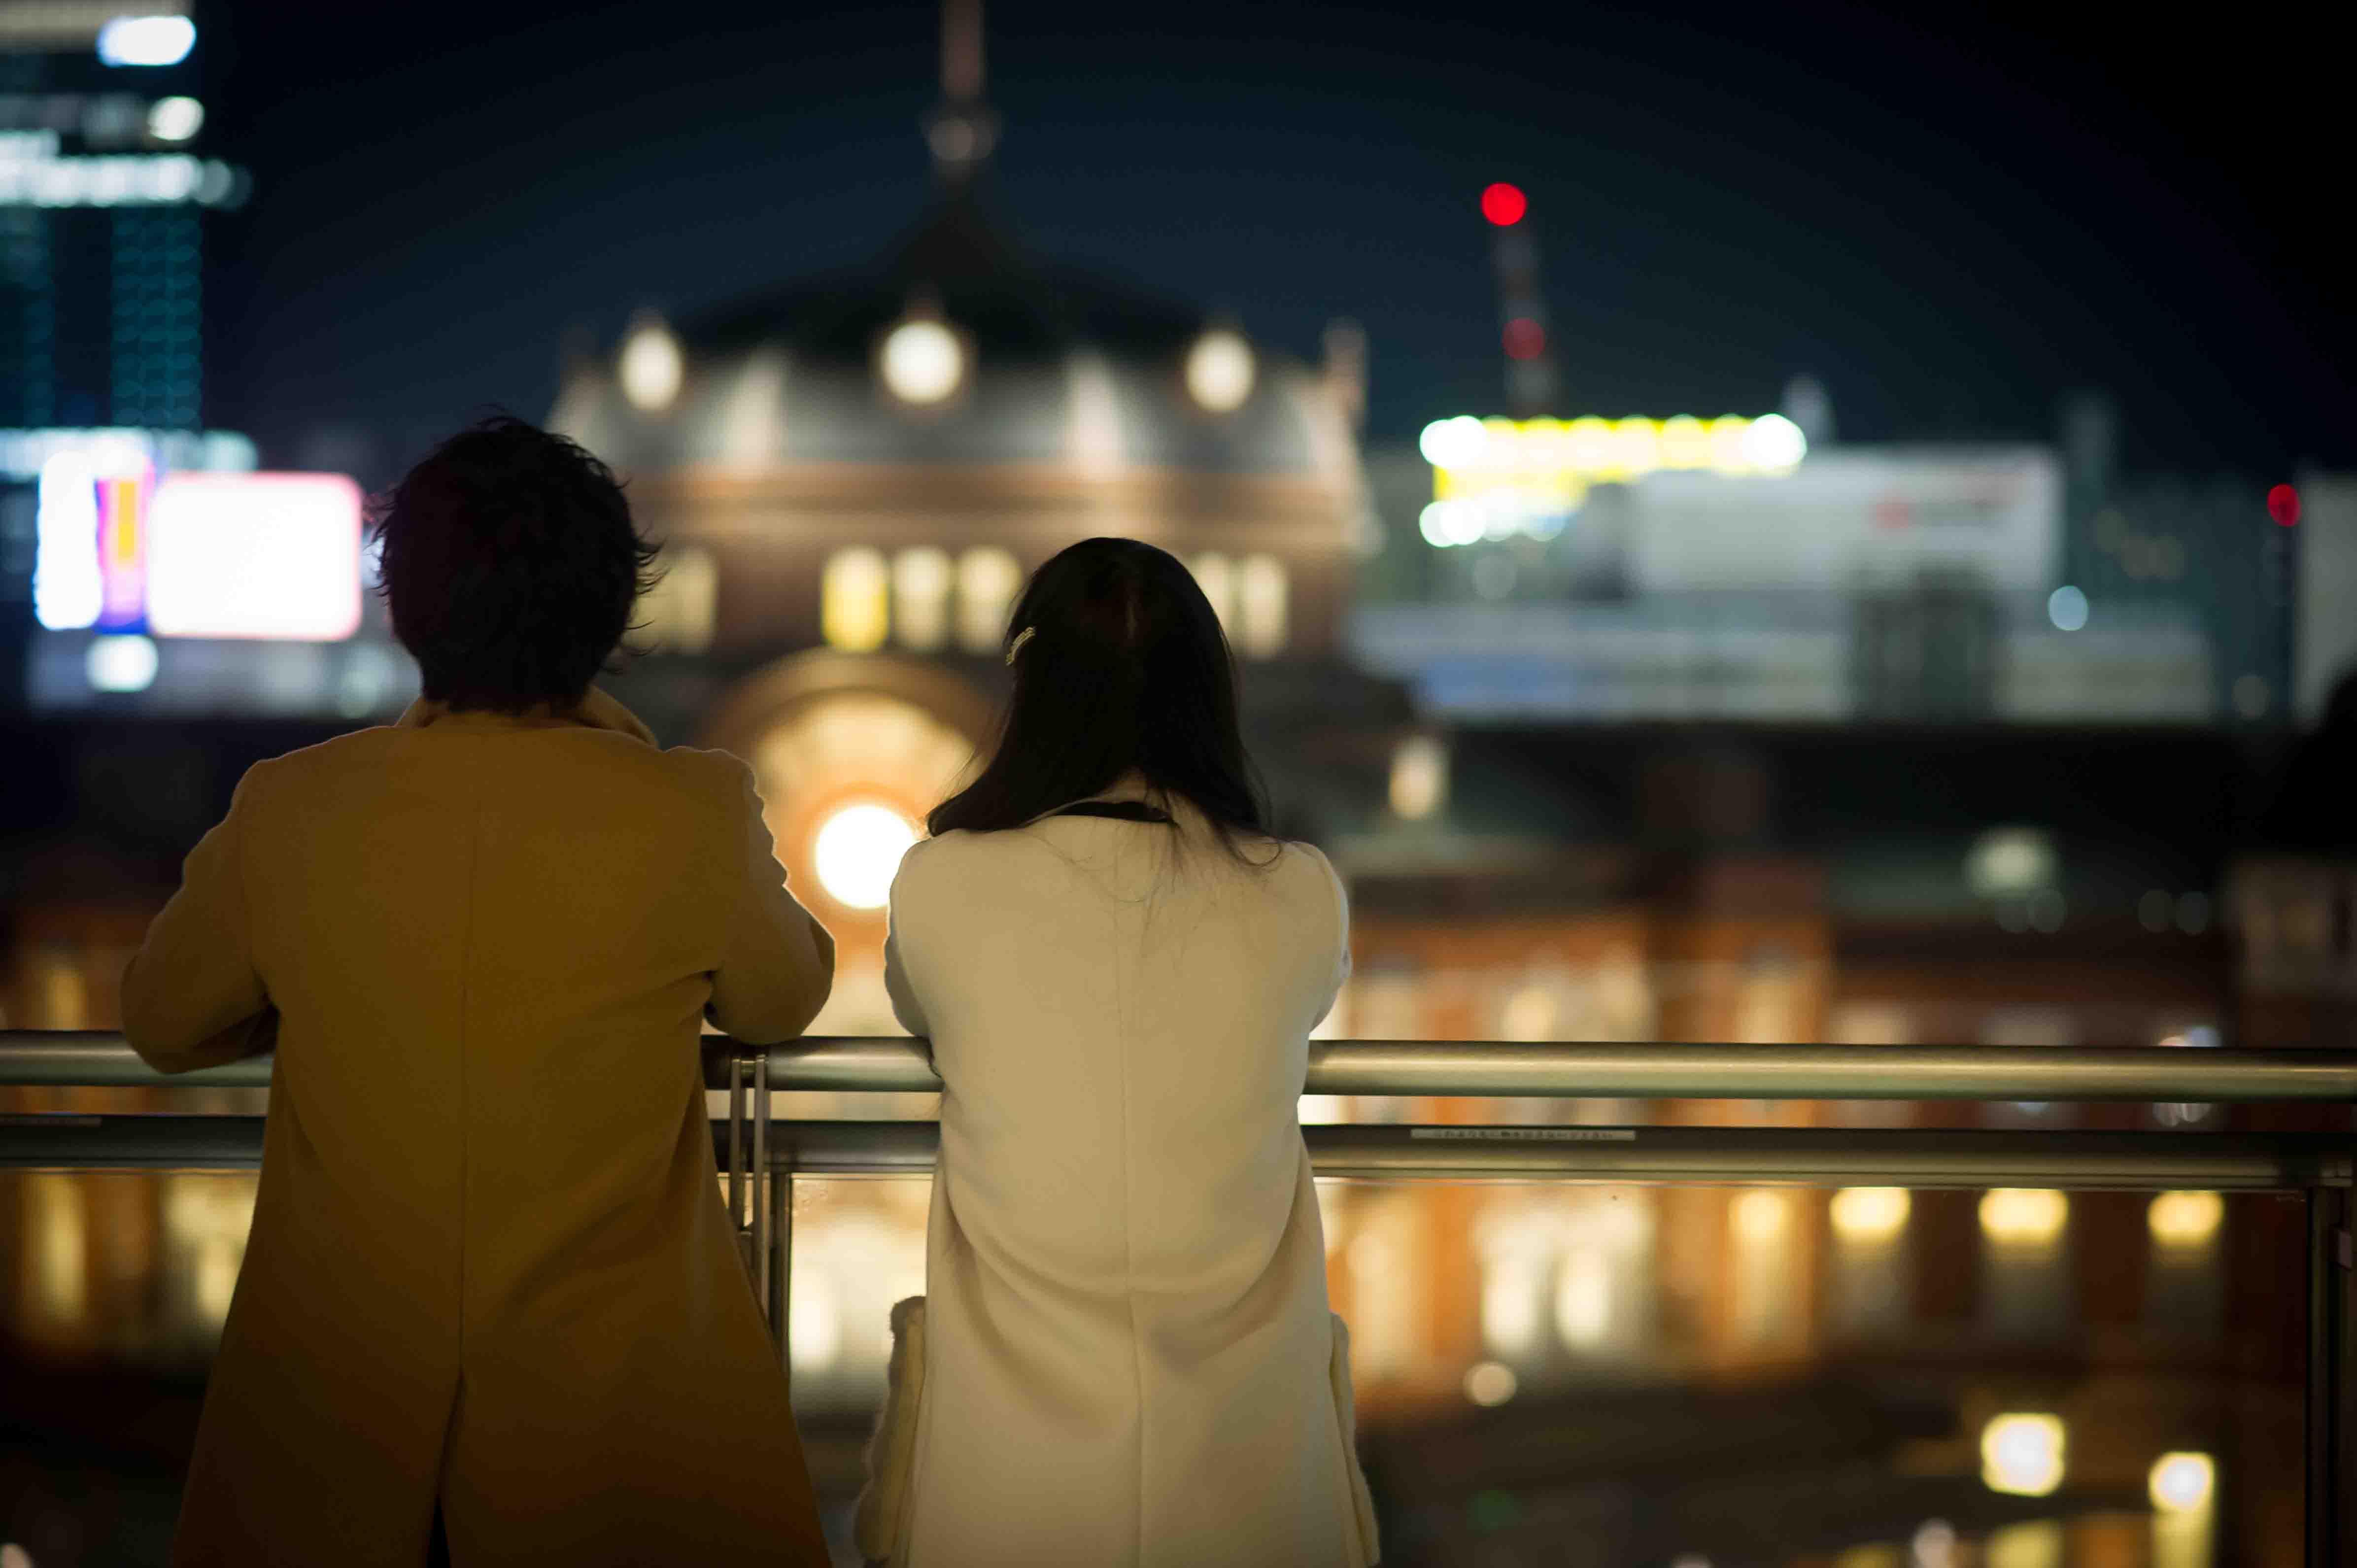 夜景を眺めるカップル後姿2